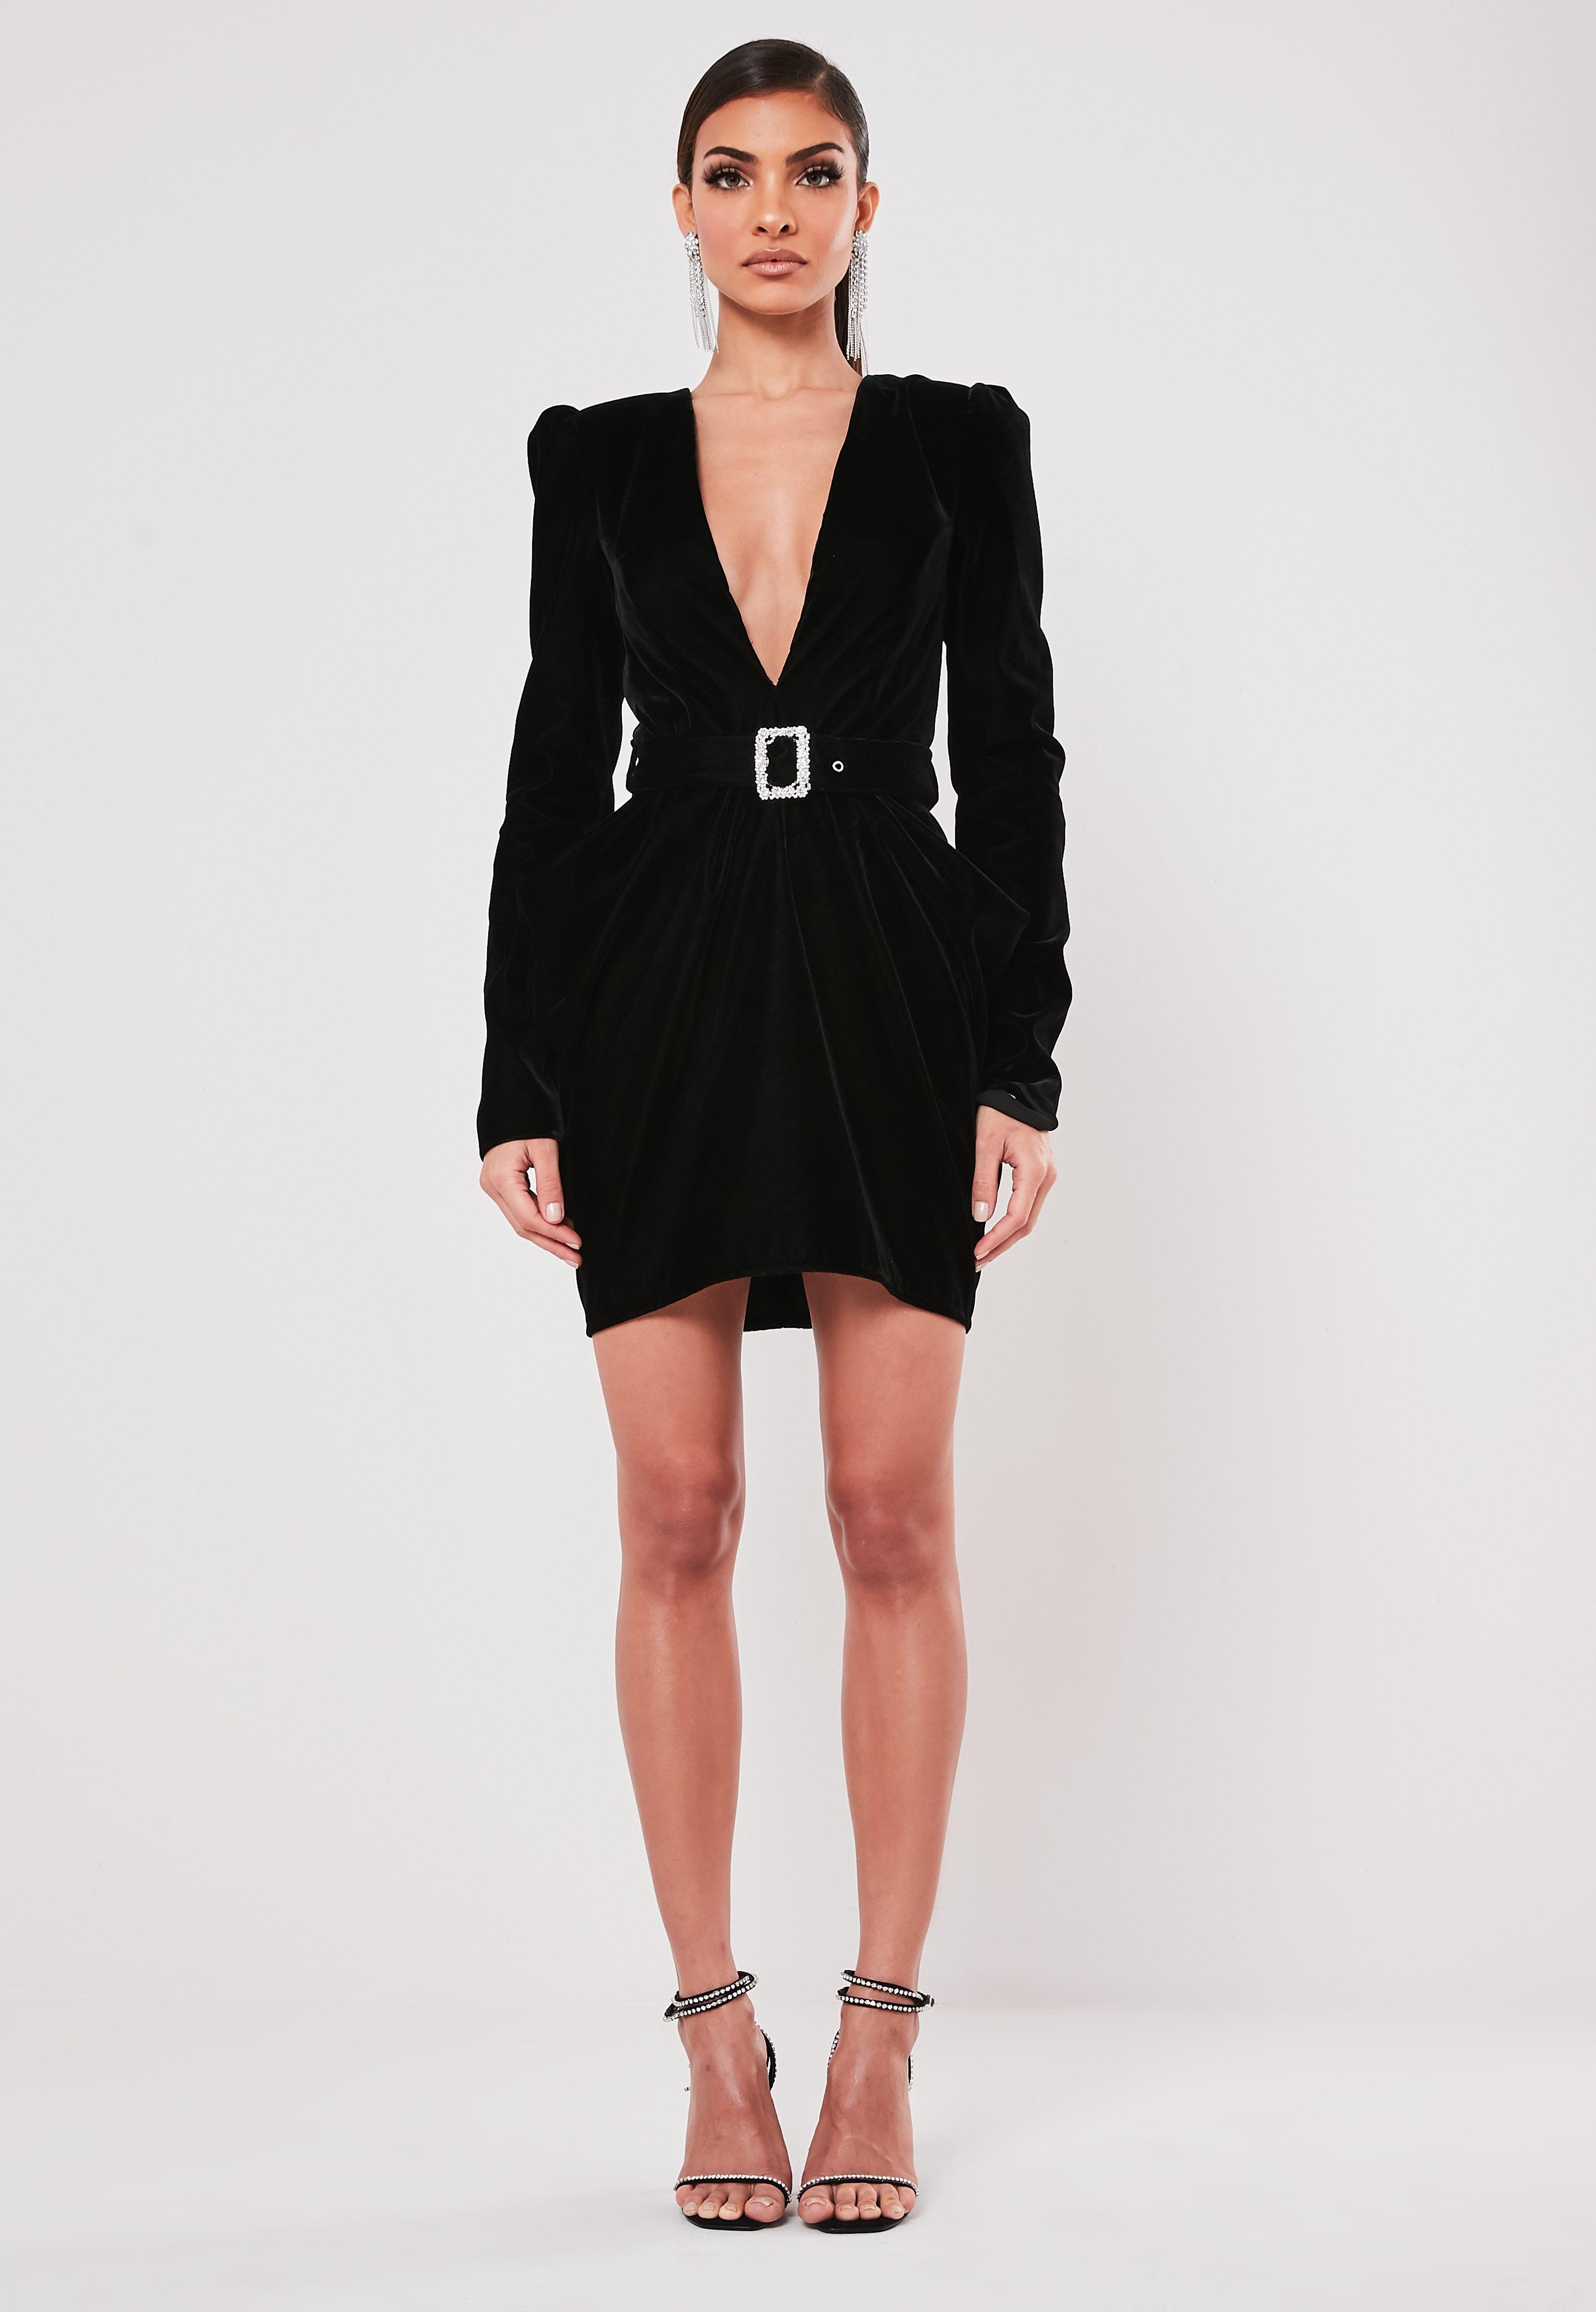 Robe blazer noire avec ceinture peace + love   Missguided